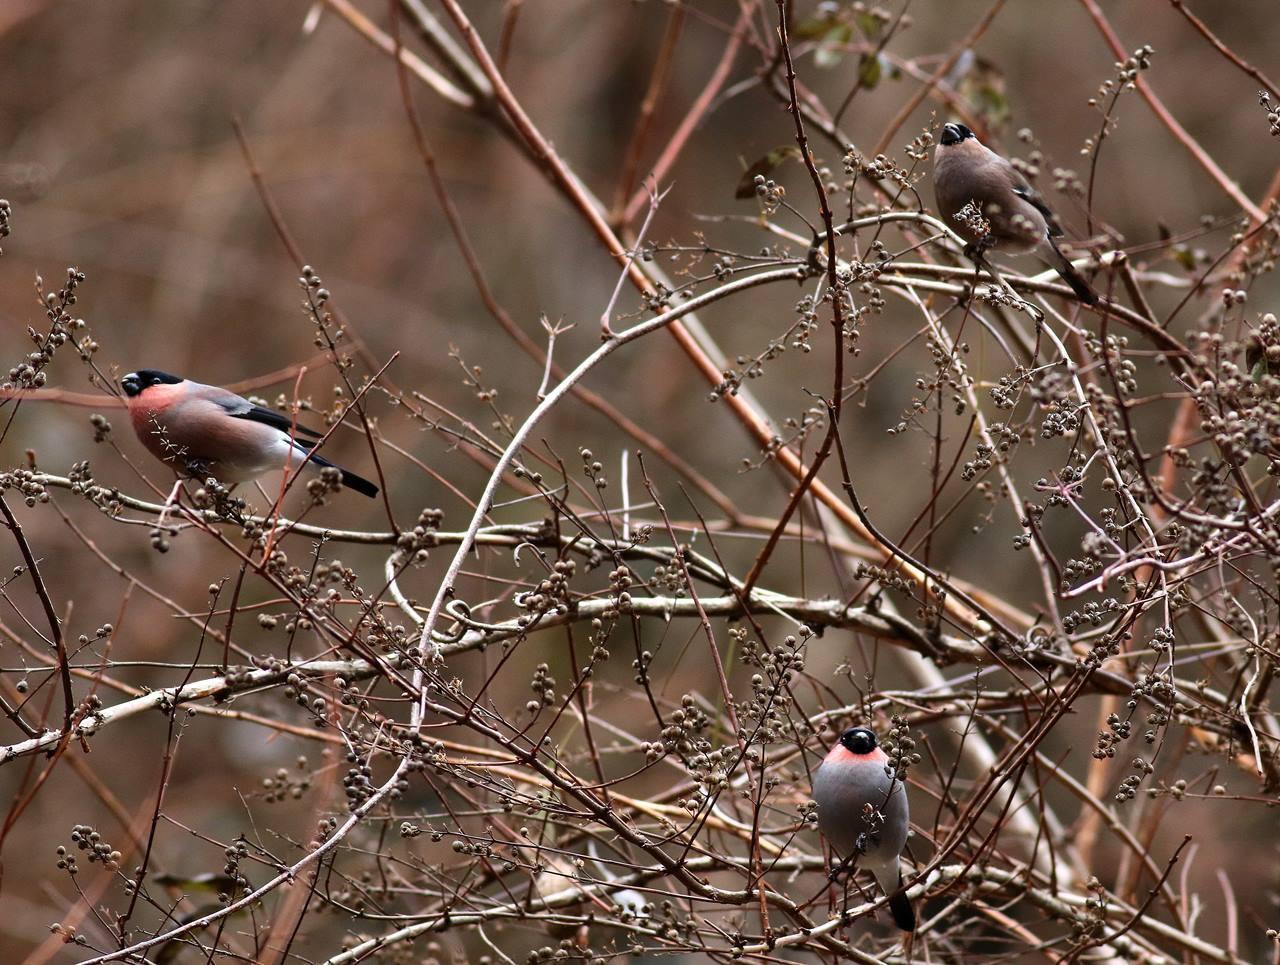 北摂のいつもの山間に3羽のウソがやって来た・・・_c0213607_16354387.jpg